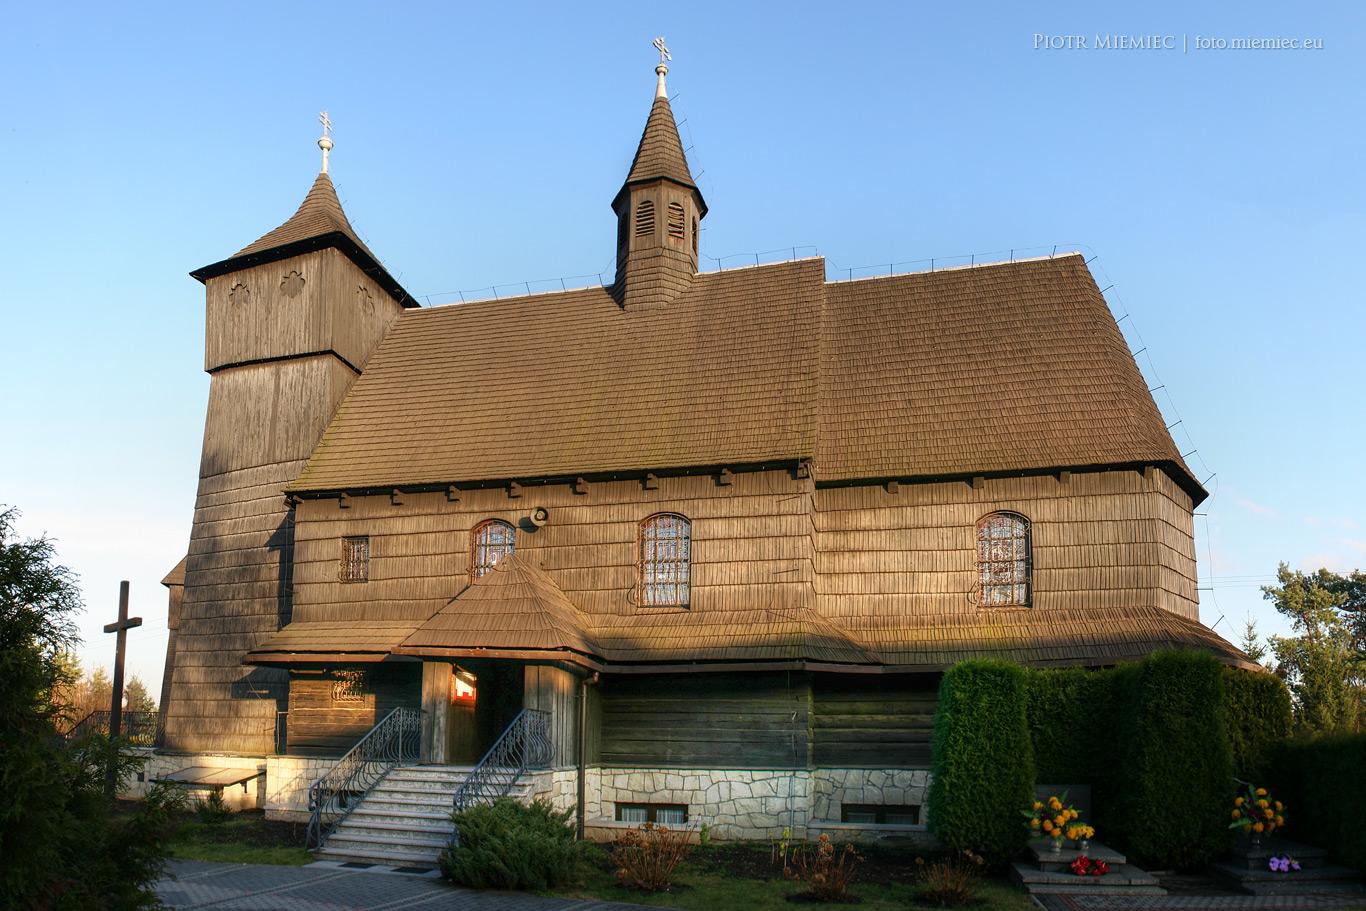 Kościół św. Katarzyny i Matki Bożej Różańcowej w Wielopolu